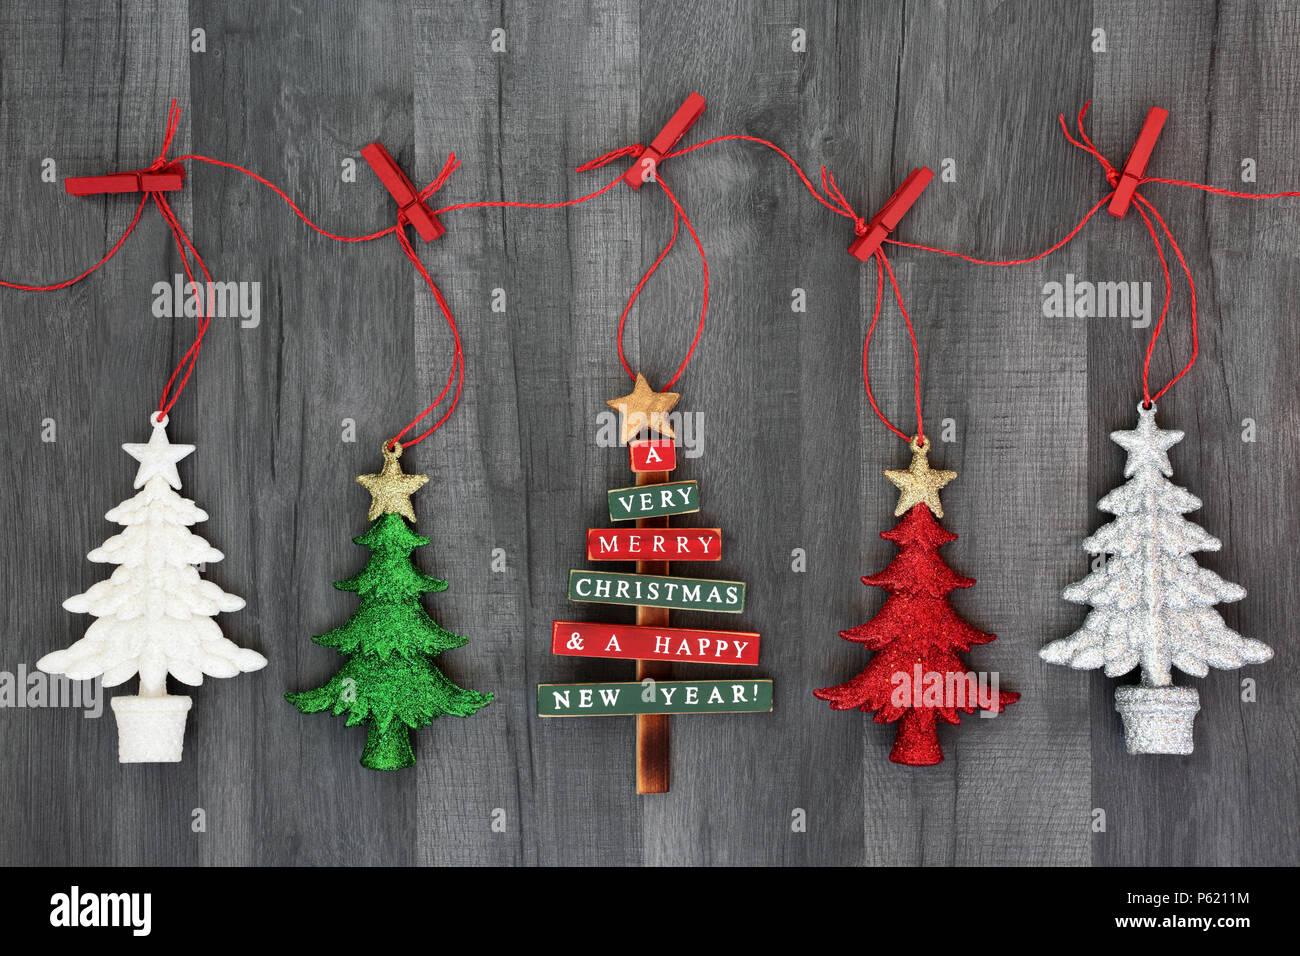 Decorazioni In Legno Per Albero Di Natale : Appendere albero di natale pallina decorazioni su una stringa linea